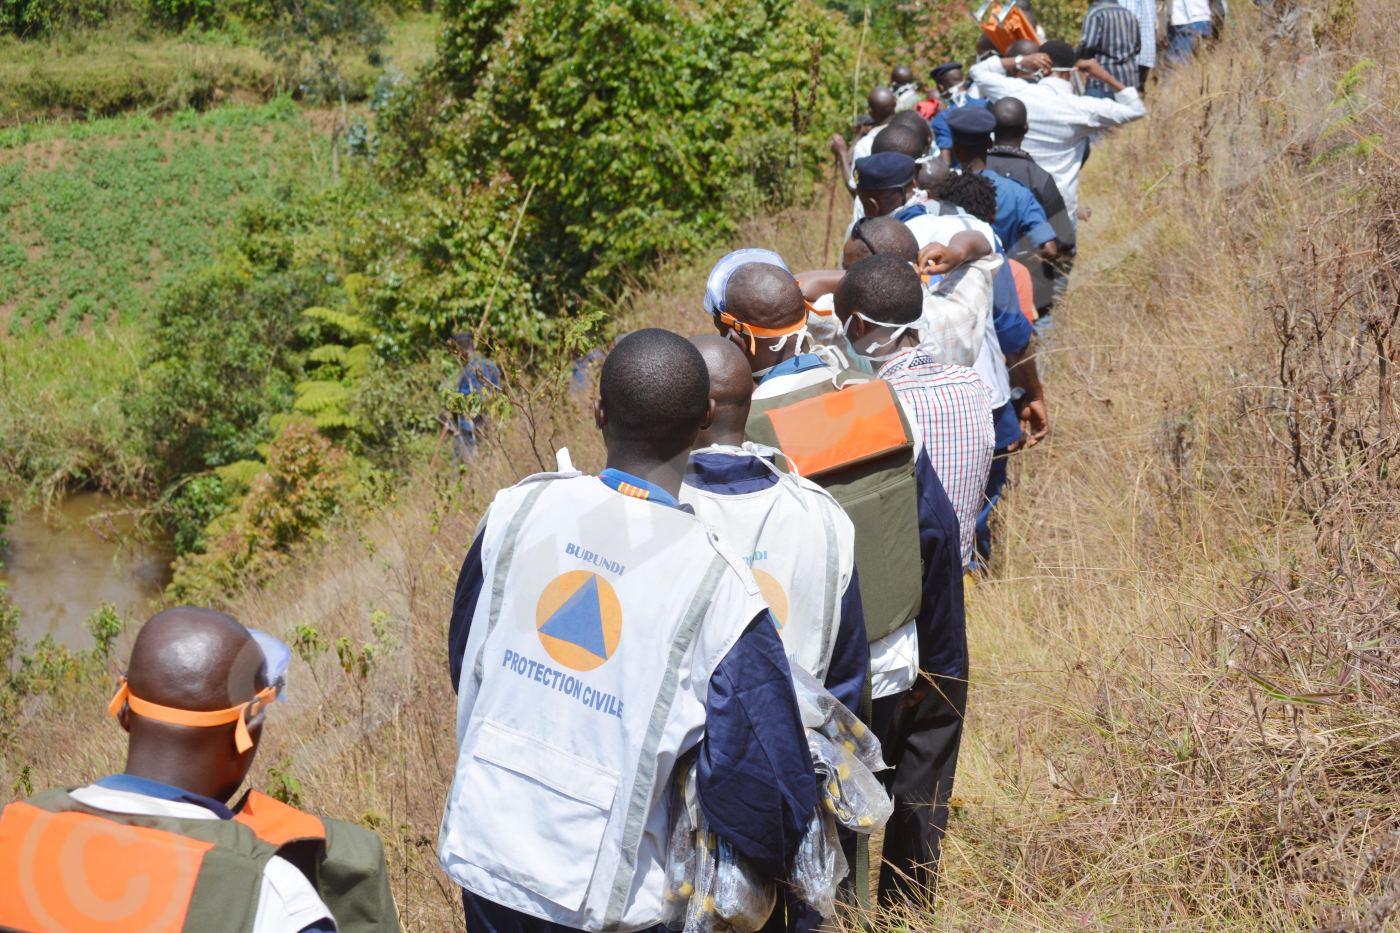 En fil indienne, journalistes, agents de la protection civile et du CNIDH escaladent les collines pour aller repêcher les deux corps